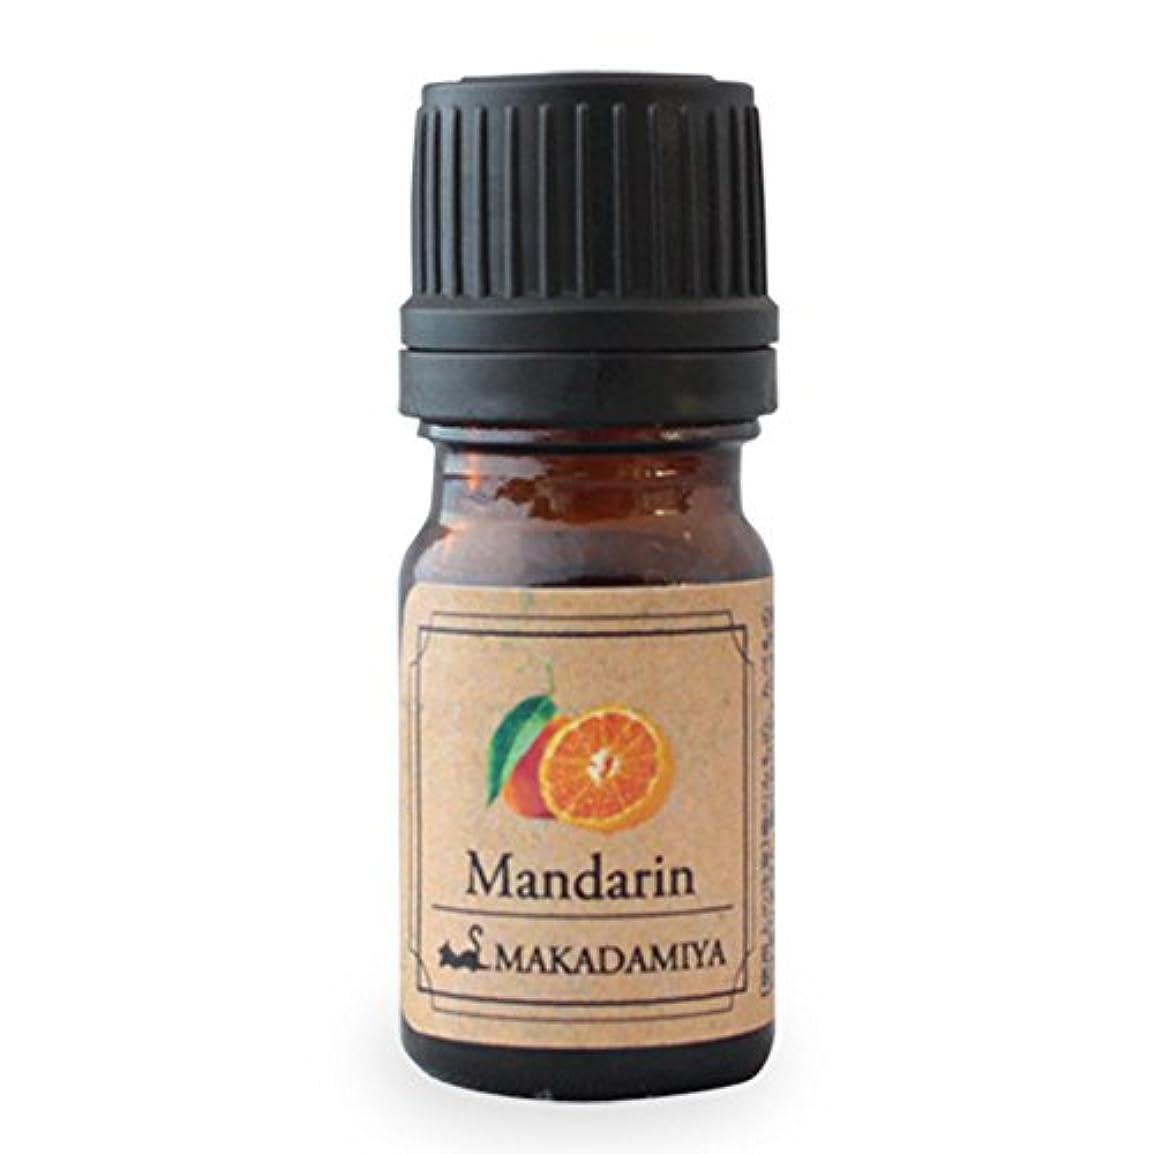 同情的スイス人計画的マンダリン5ml 天然100%植物性 エッセンシャルオイル(精油) アロマオイル アロママッサージ aroma Mandarin